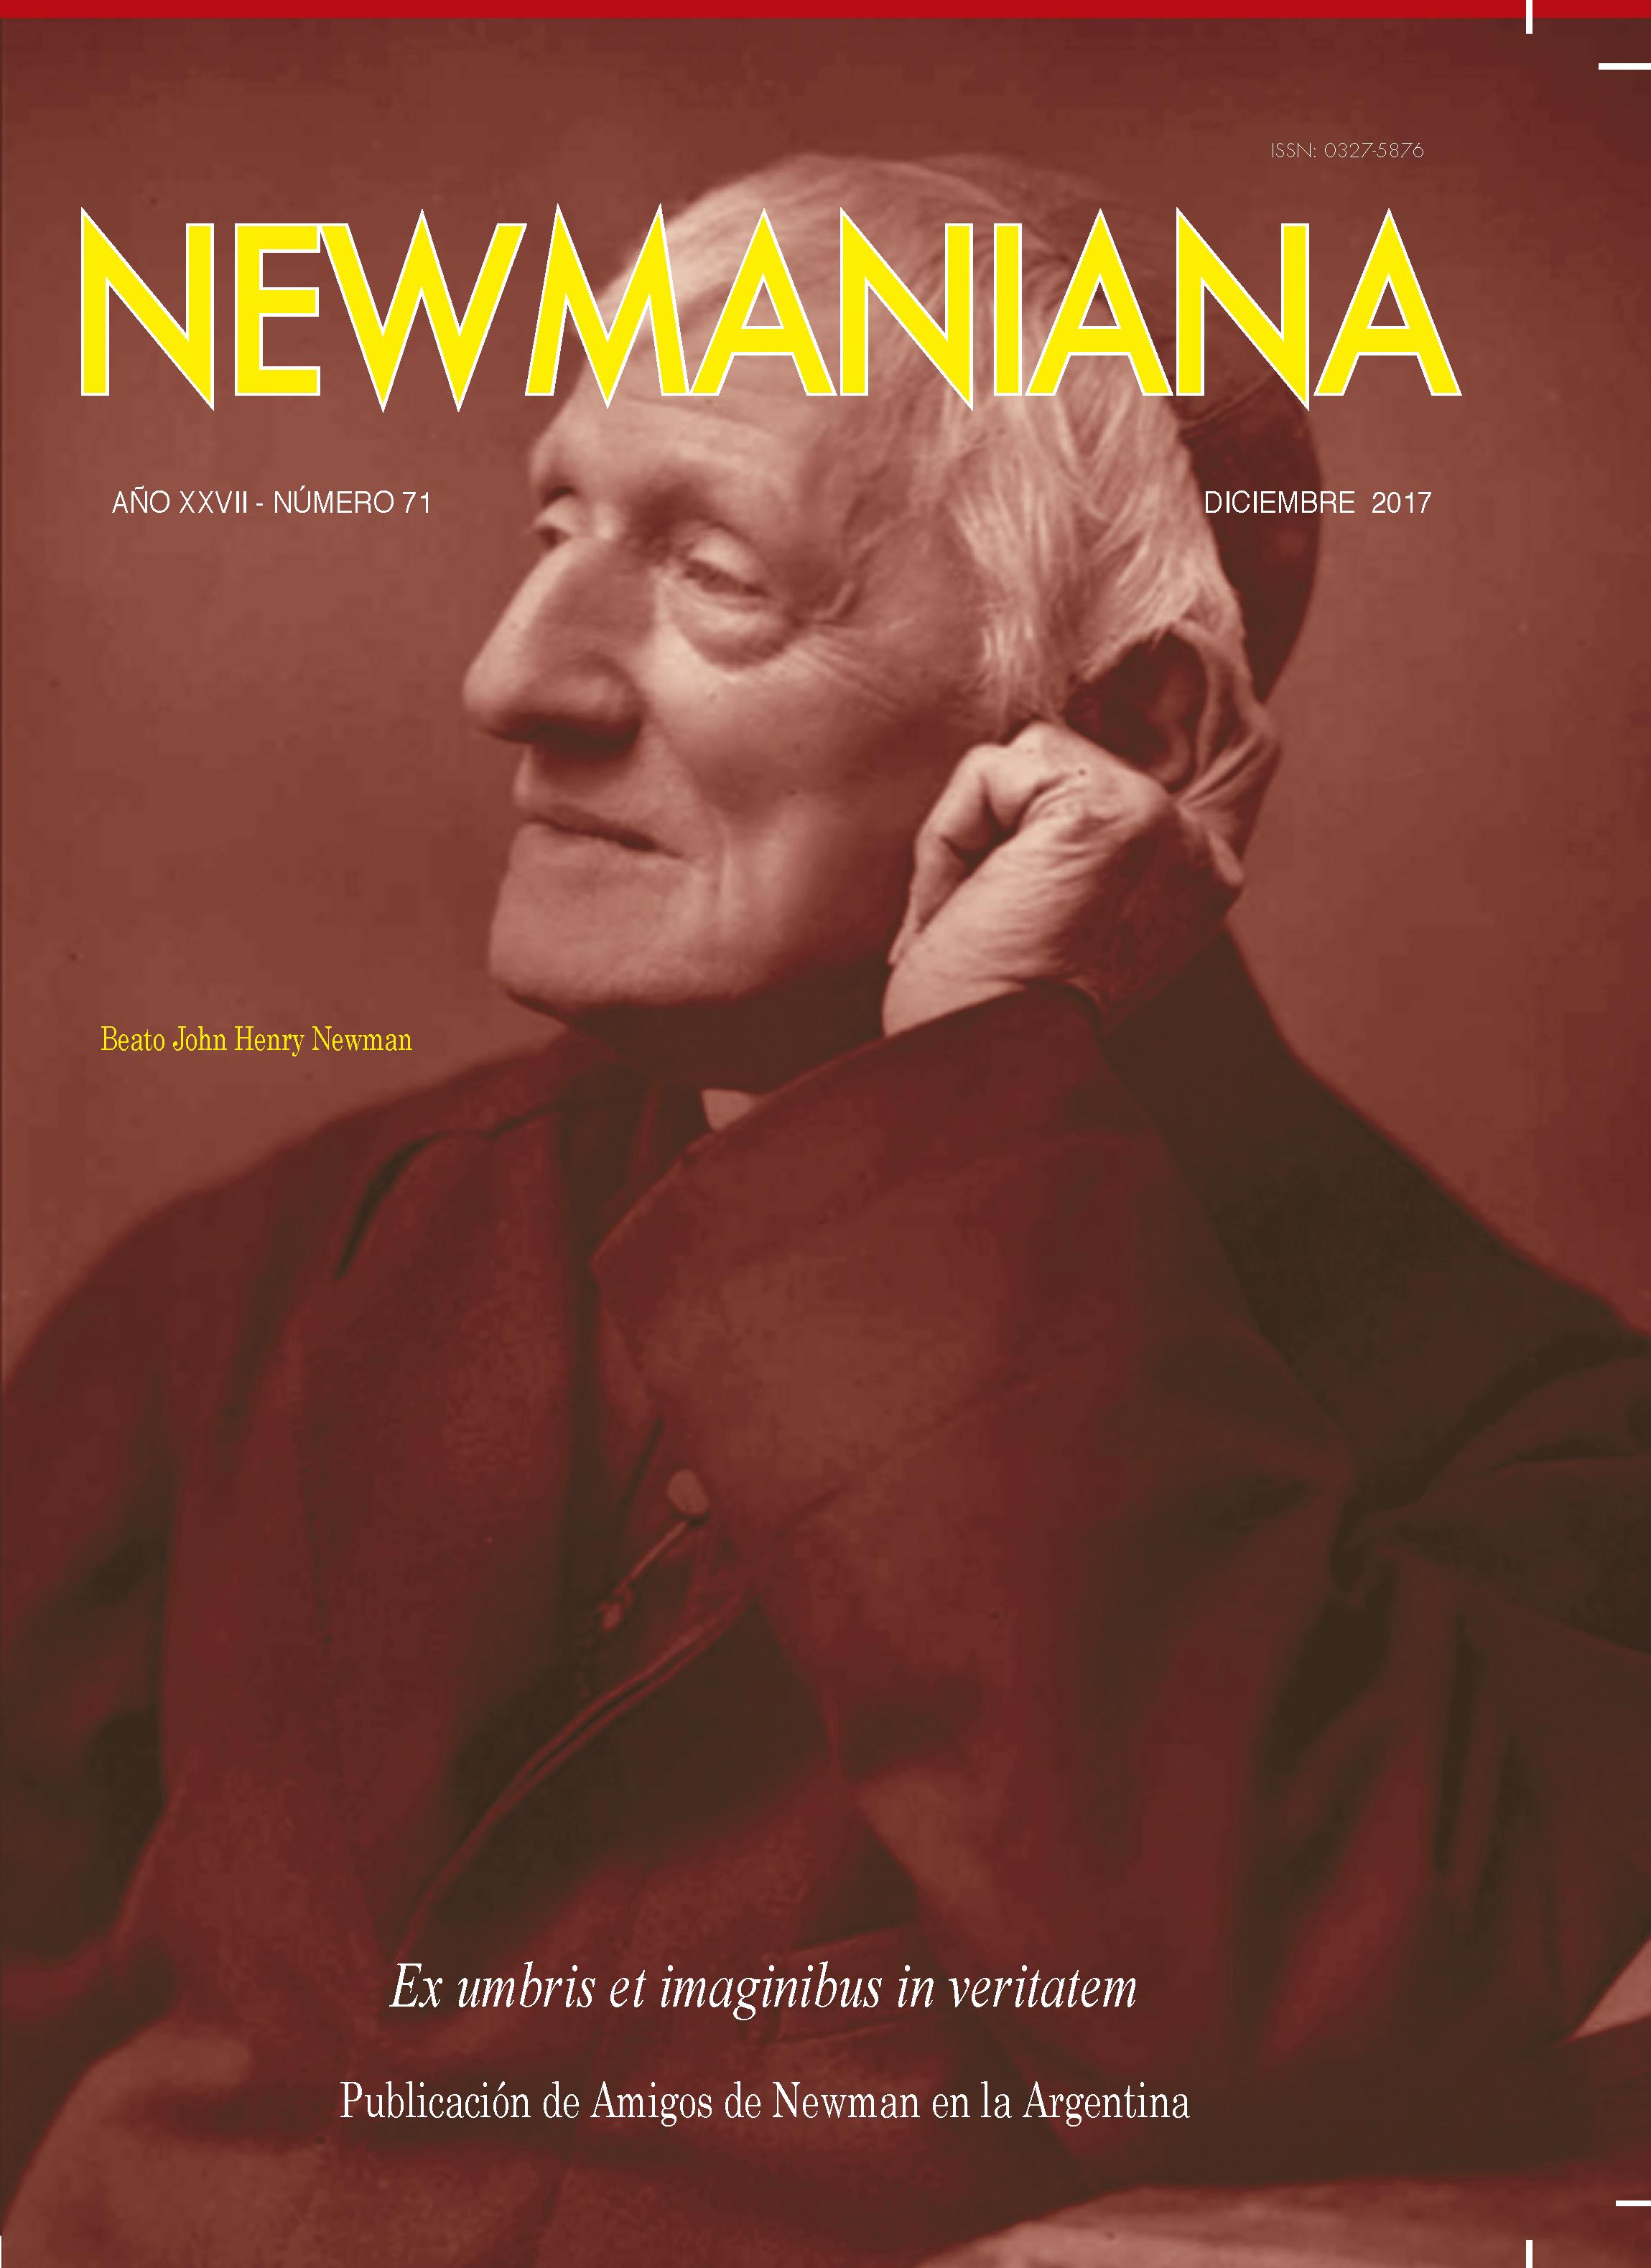 Revista Newmaniana N°71 – Diciembre 17